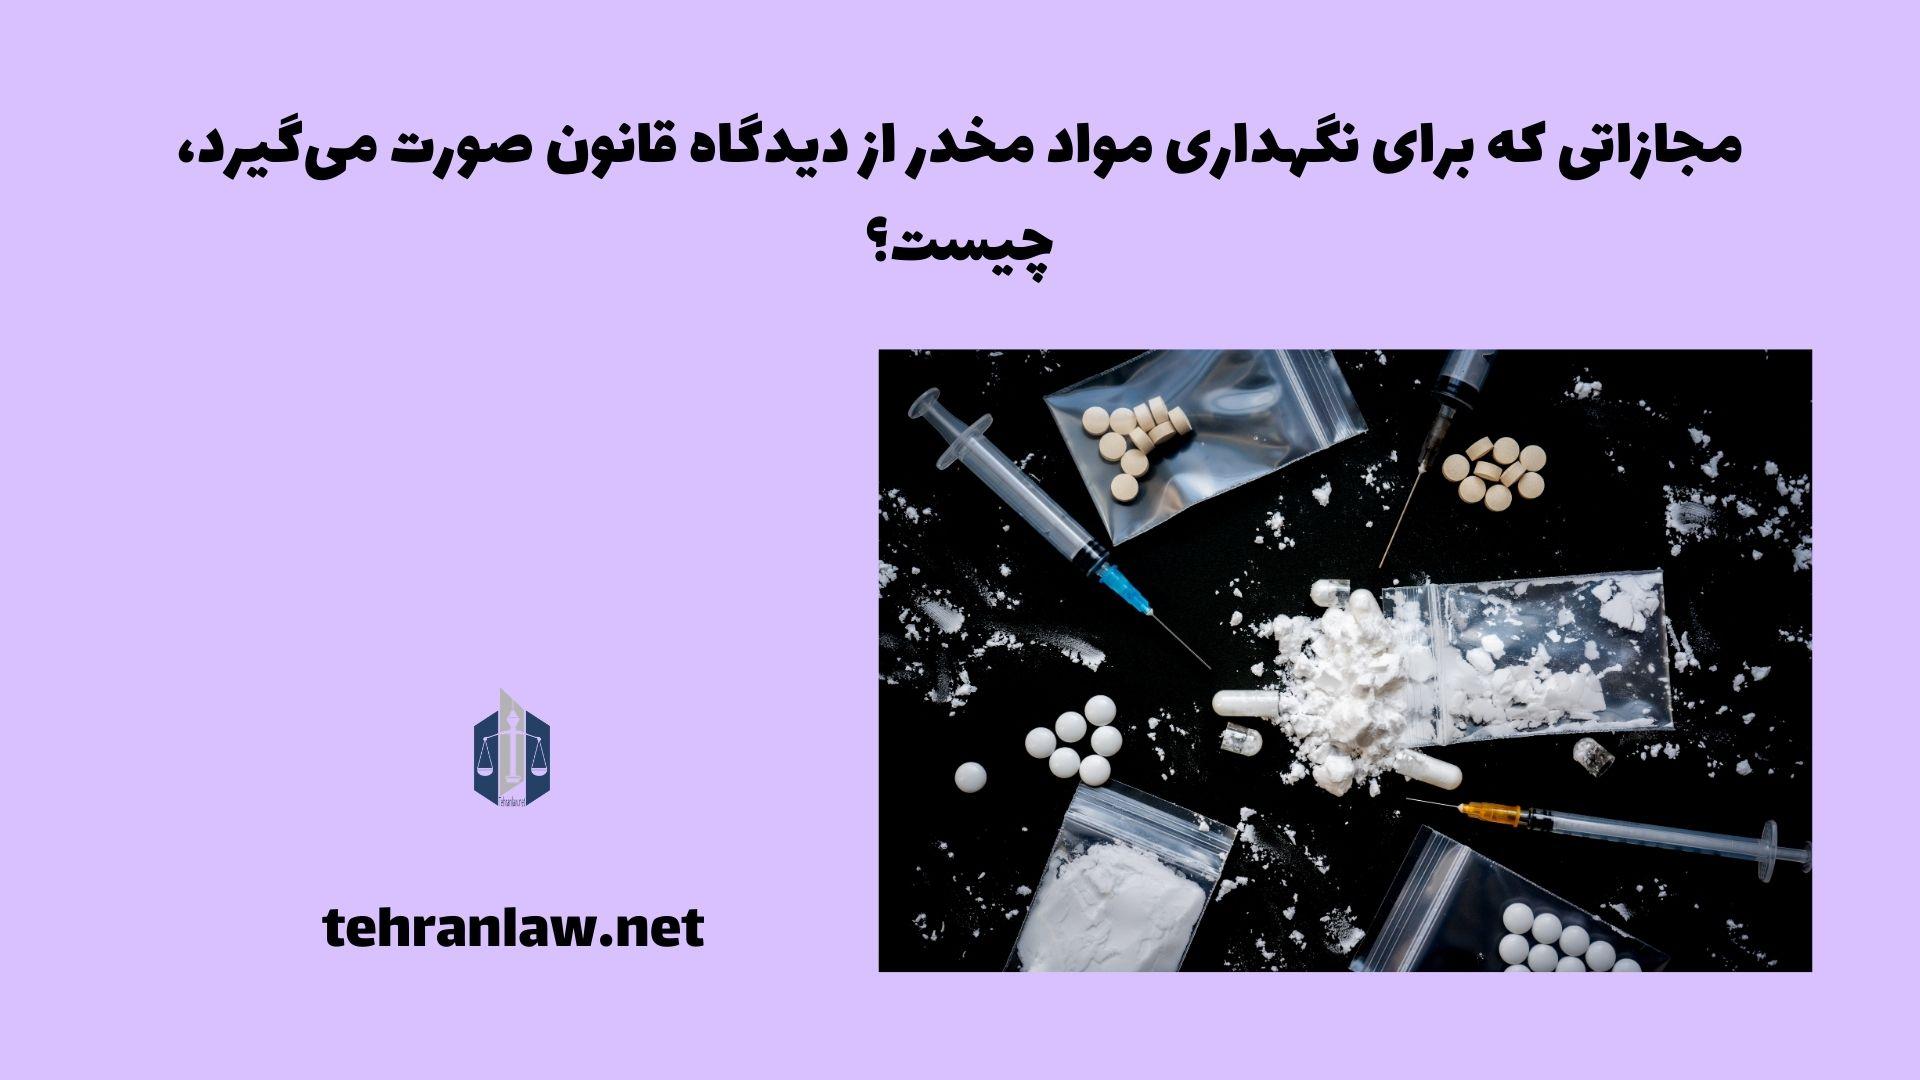 مجازاتی که برای نگهداری مواد مخدر از دیدگاه قانون صورت می گیرد، چیست؟